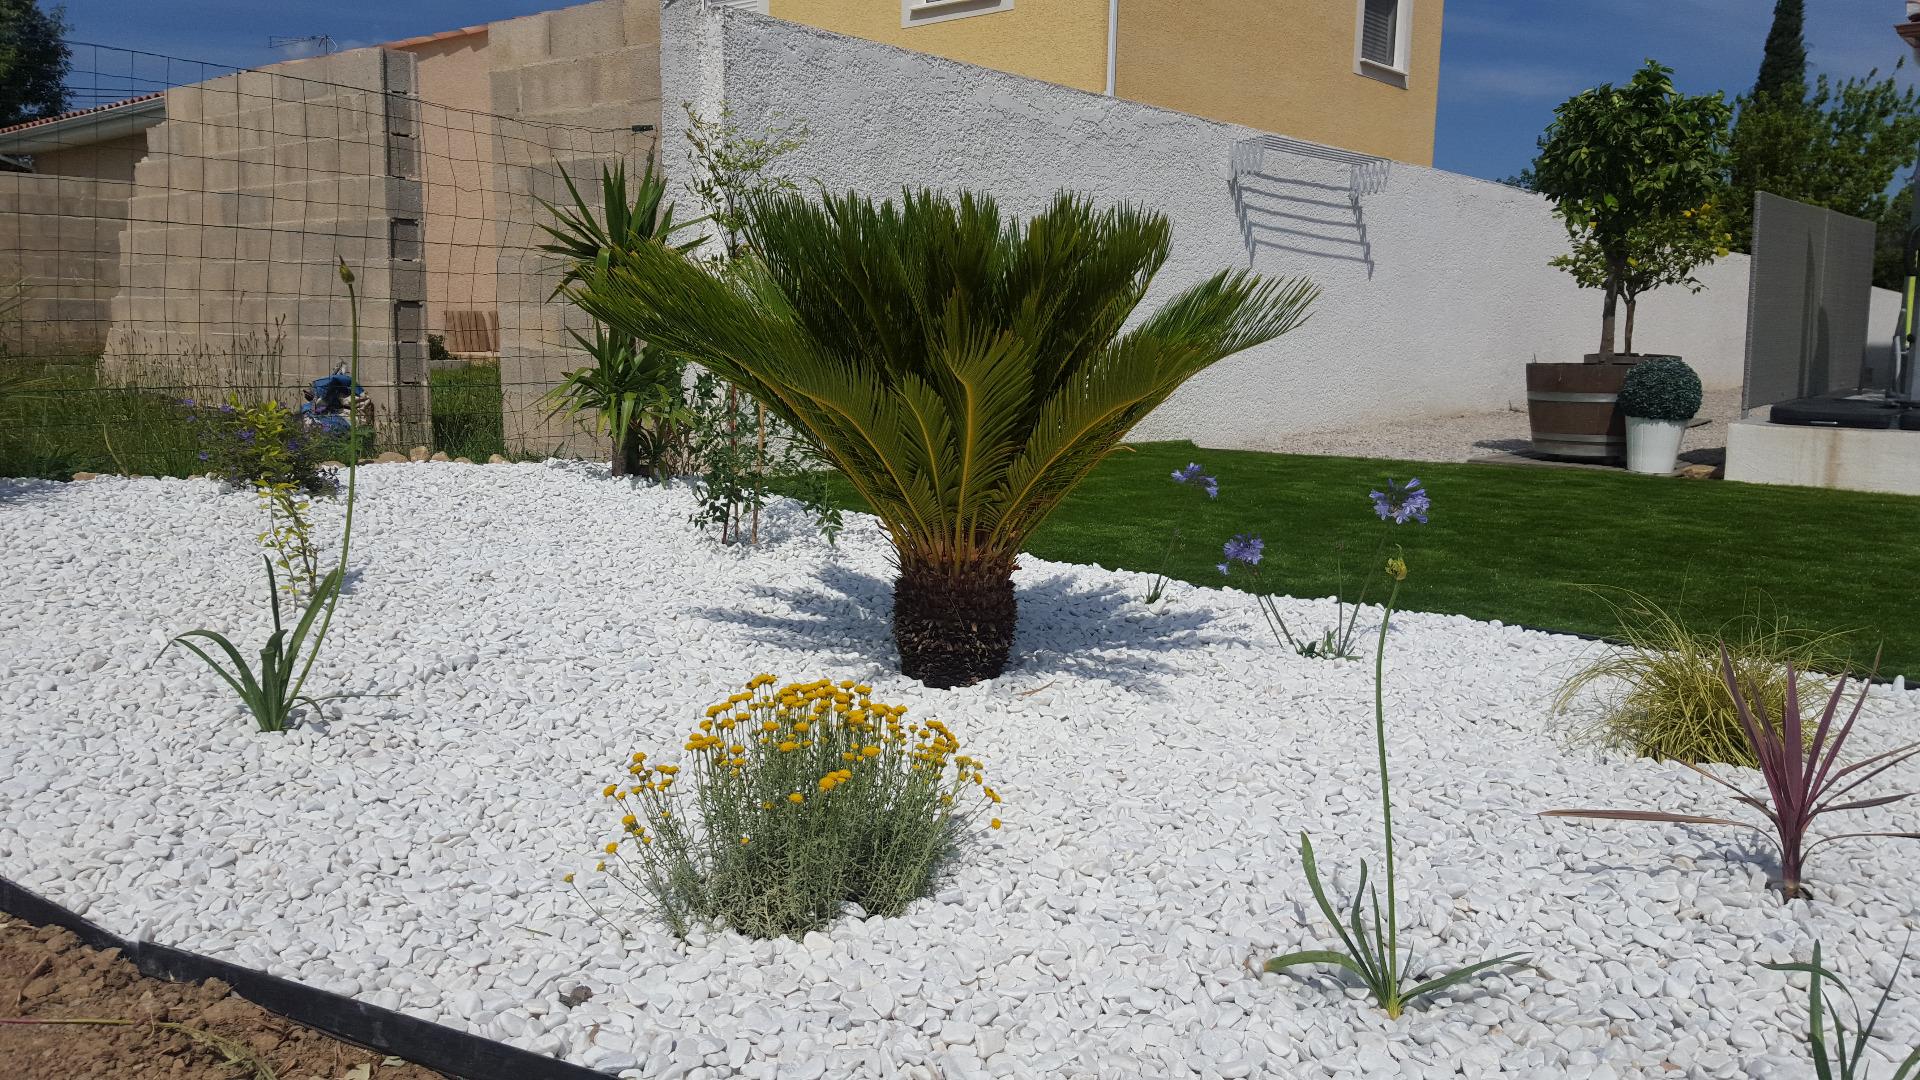 Création D'un Jardin Sec: Un Beau Jardin Avec Peu D'entretien. tout Creer Un Jardin Sec